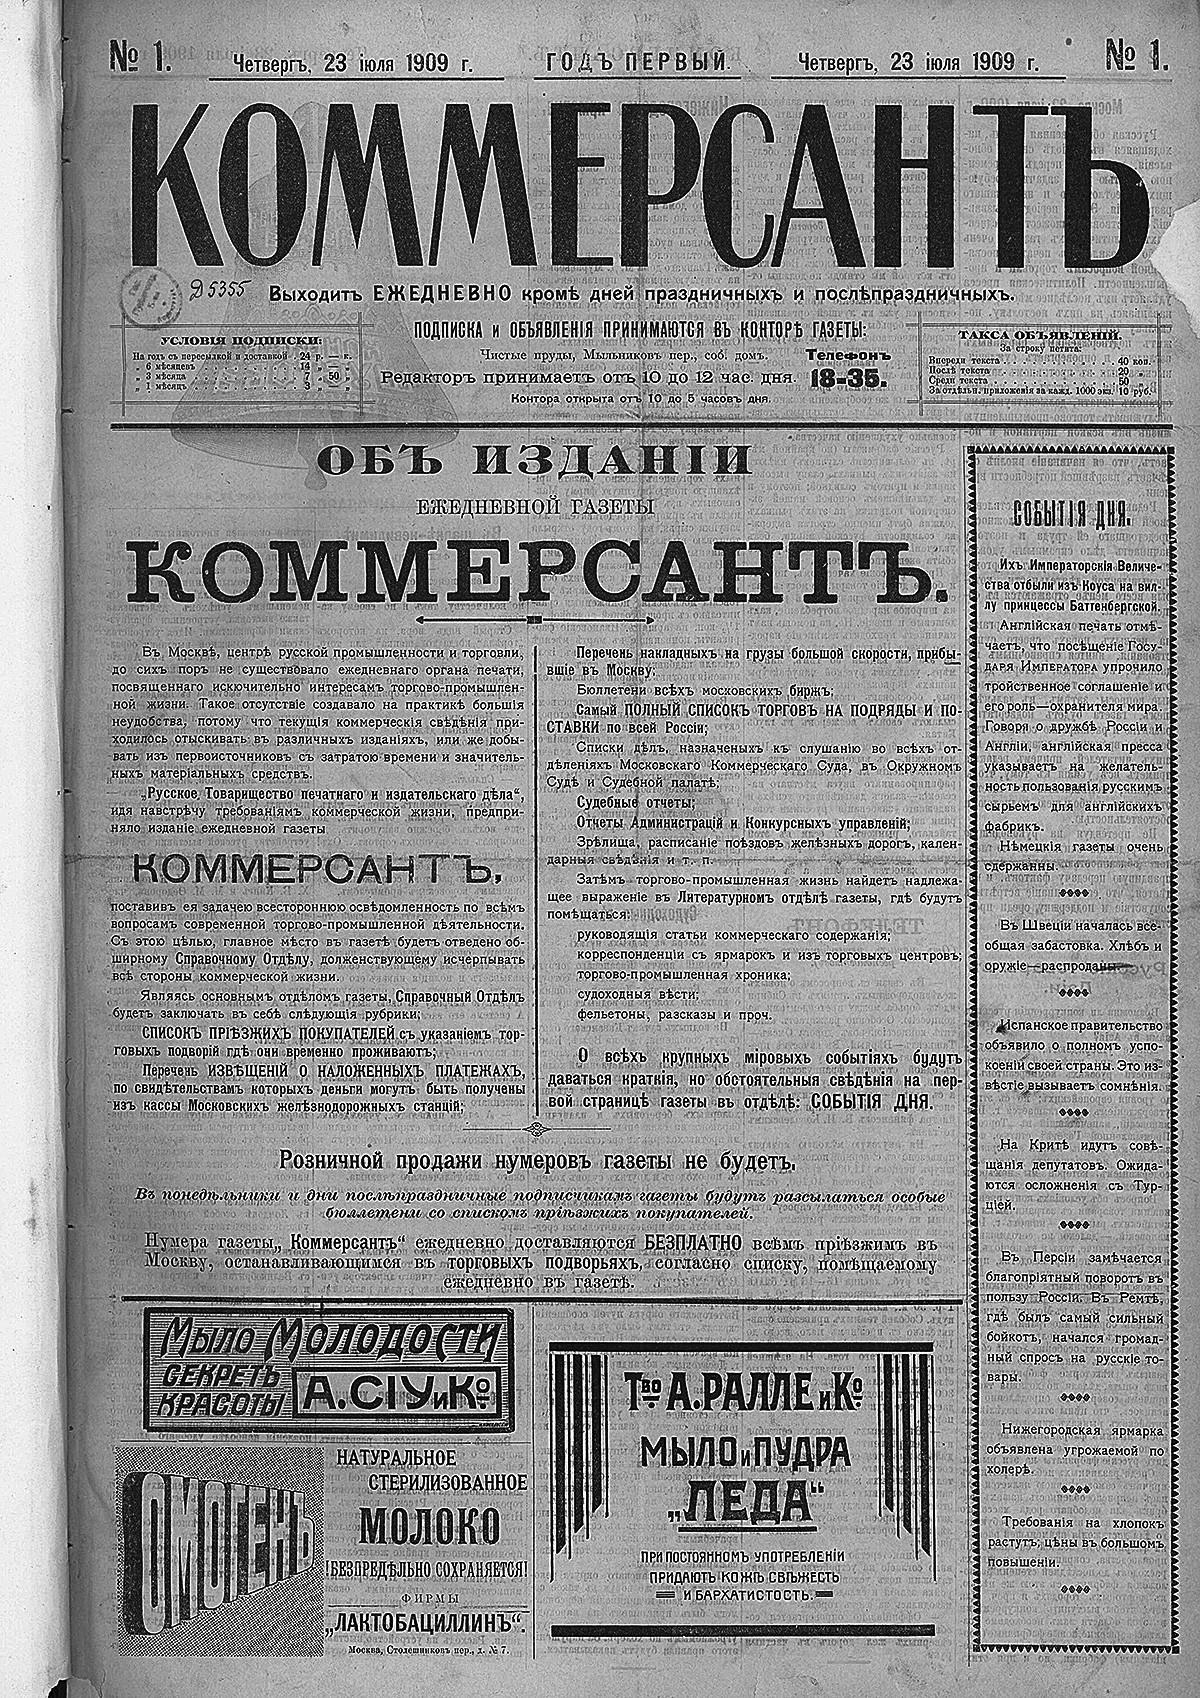 Prva številka dnevnega časopisa Kommersant s 23. julija 1909